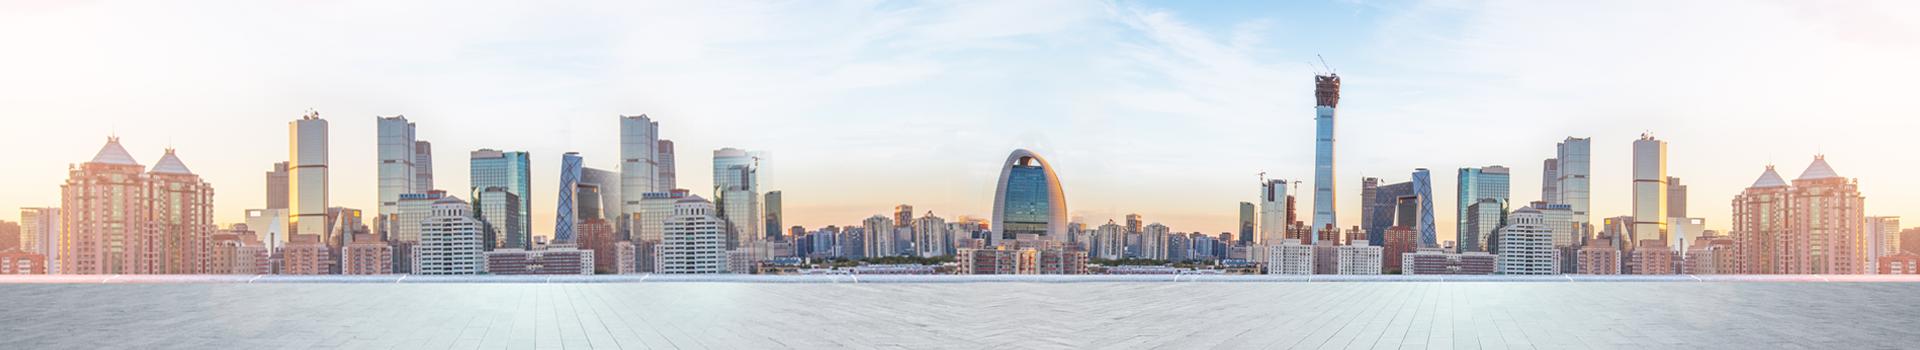 北京十里河投資管理集團有限公司